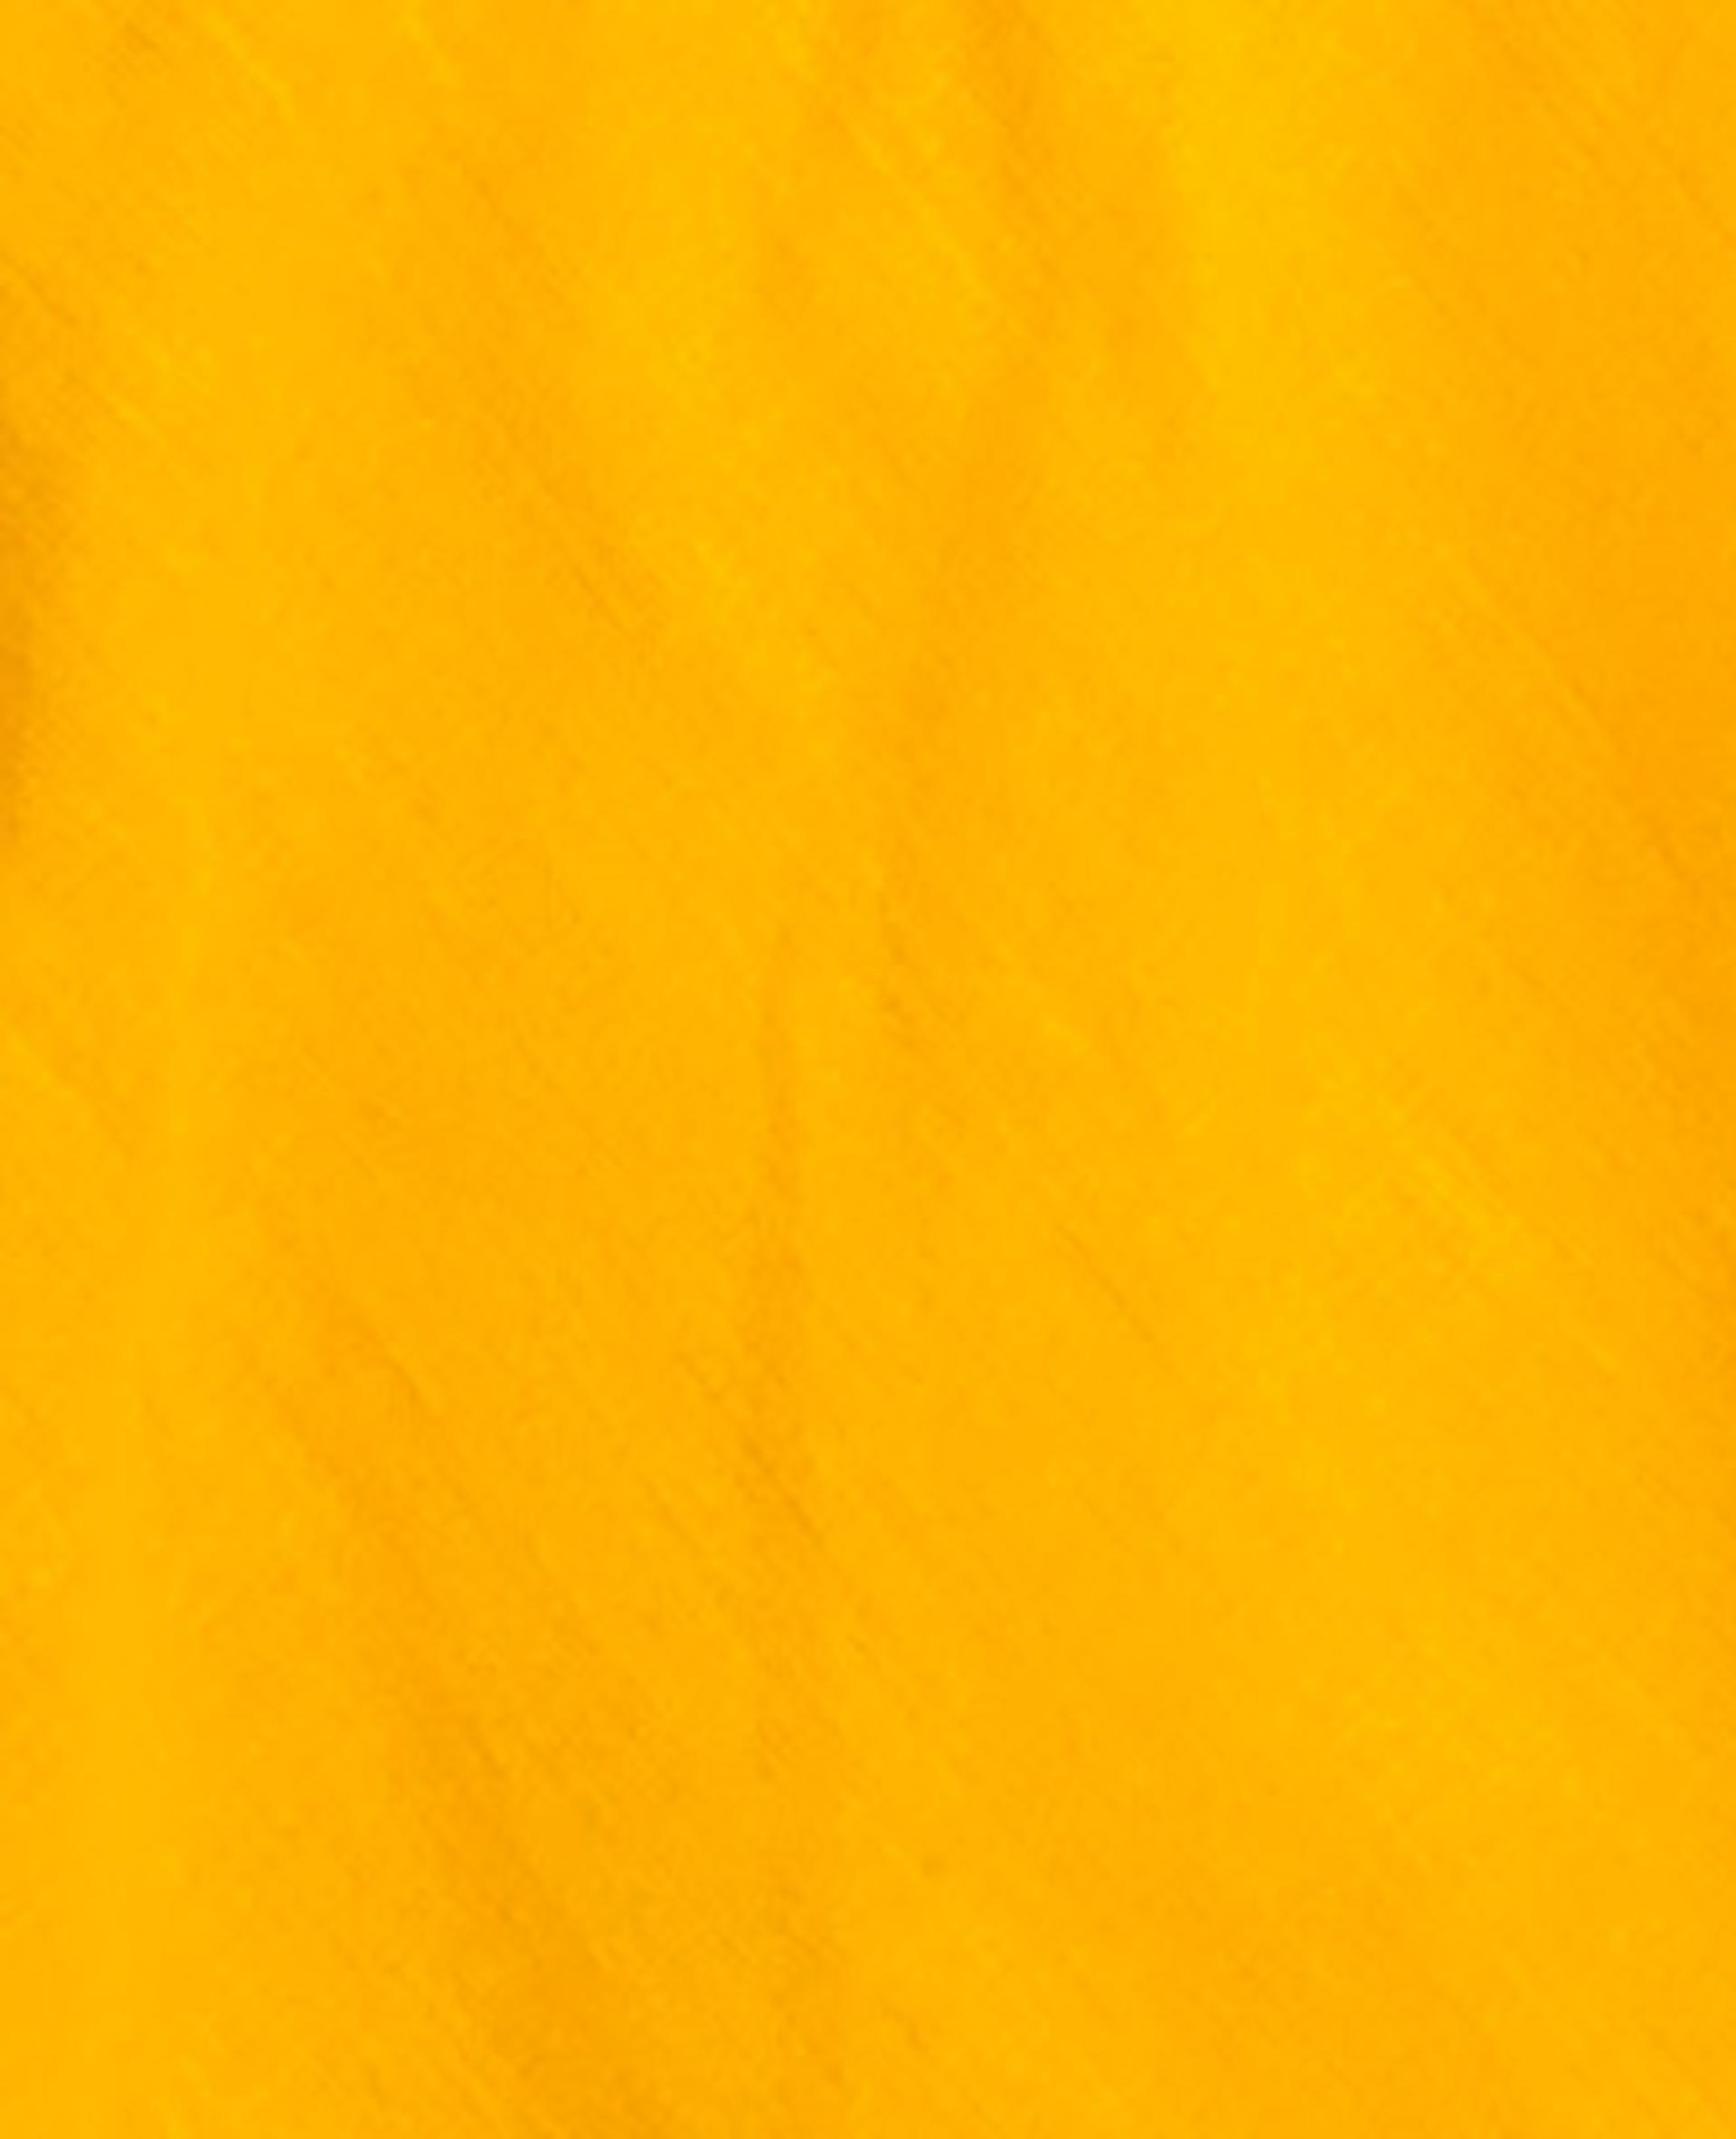 Abito con volant giallo - Pimkie